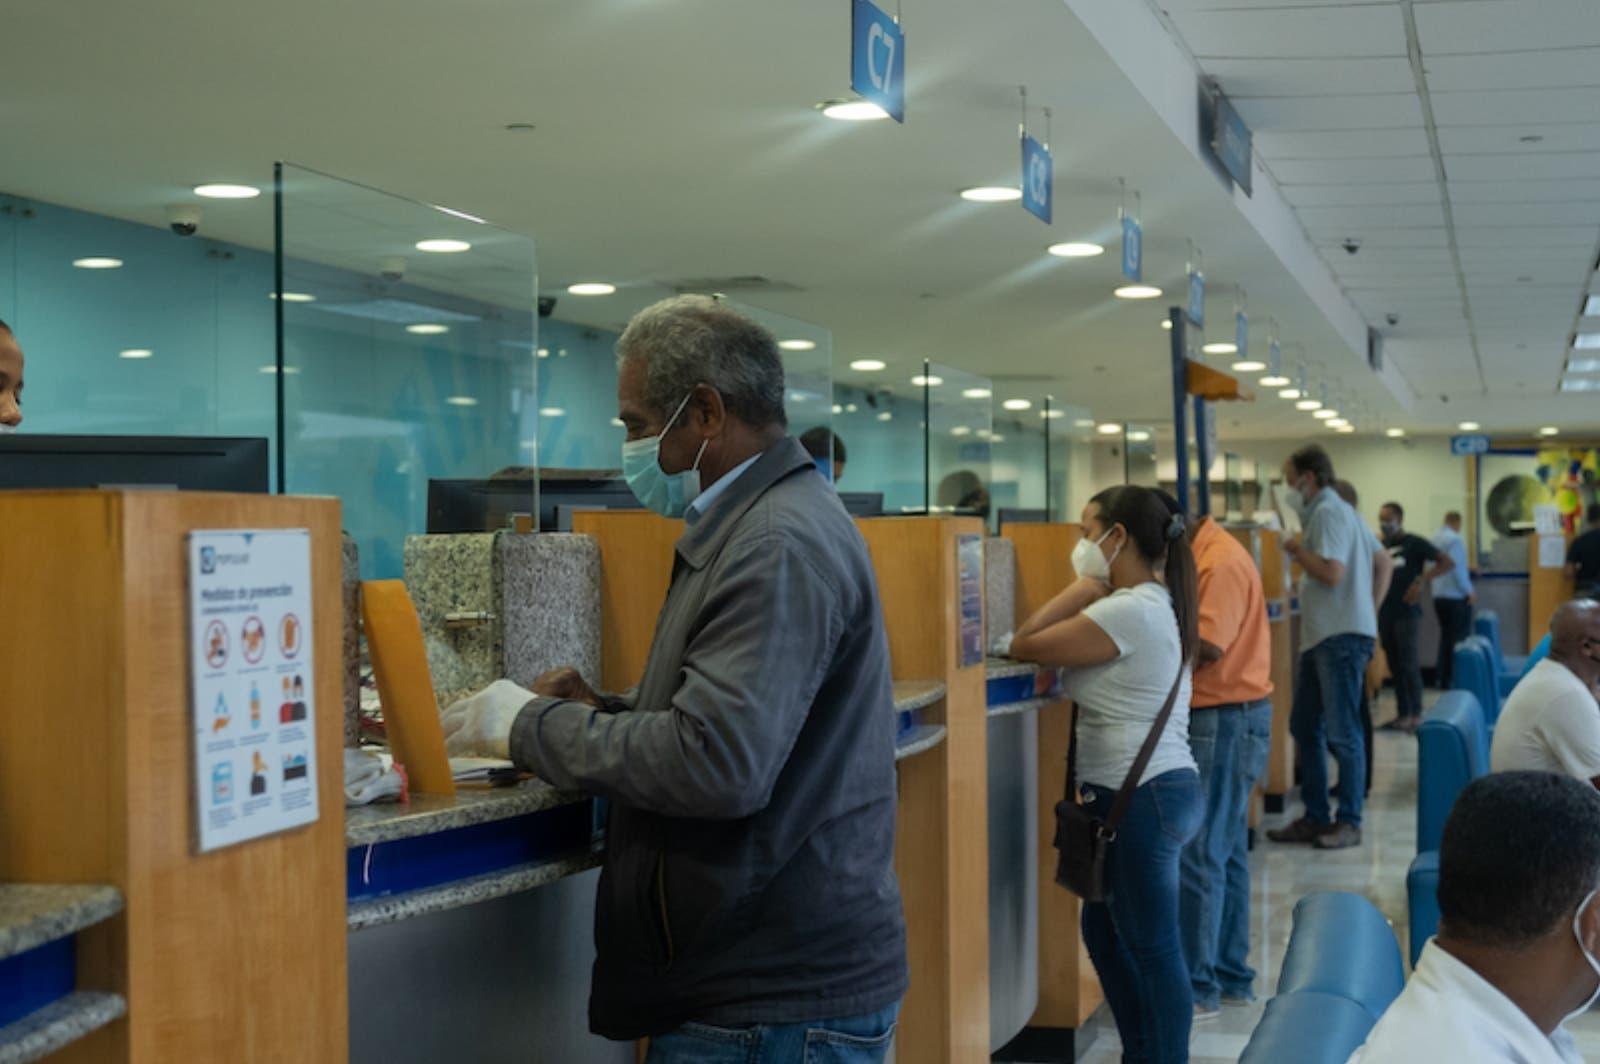 Los débitos bancos son contractuales, aclaran la SIB y bancos múltiples